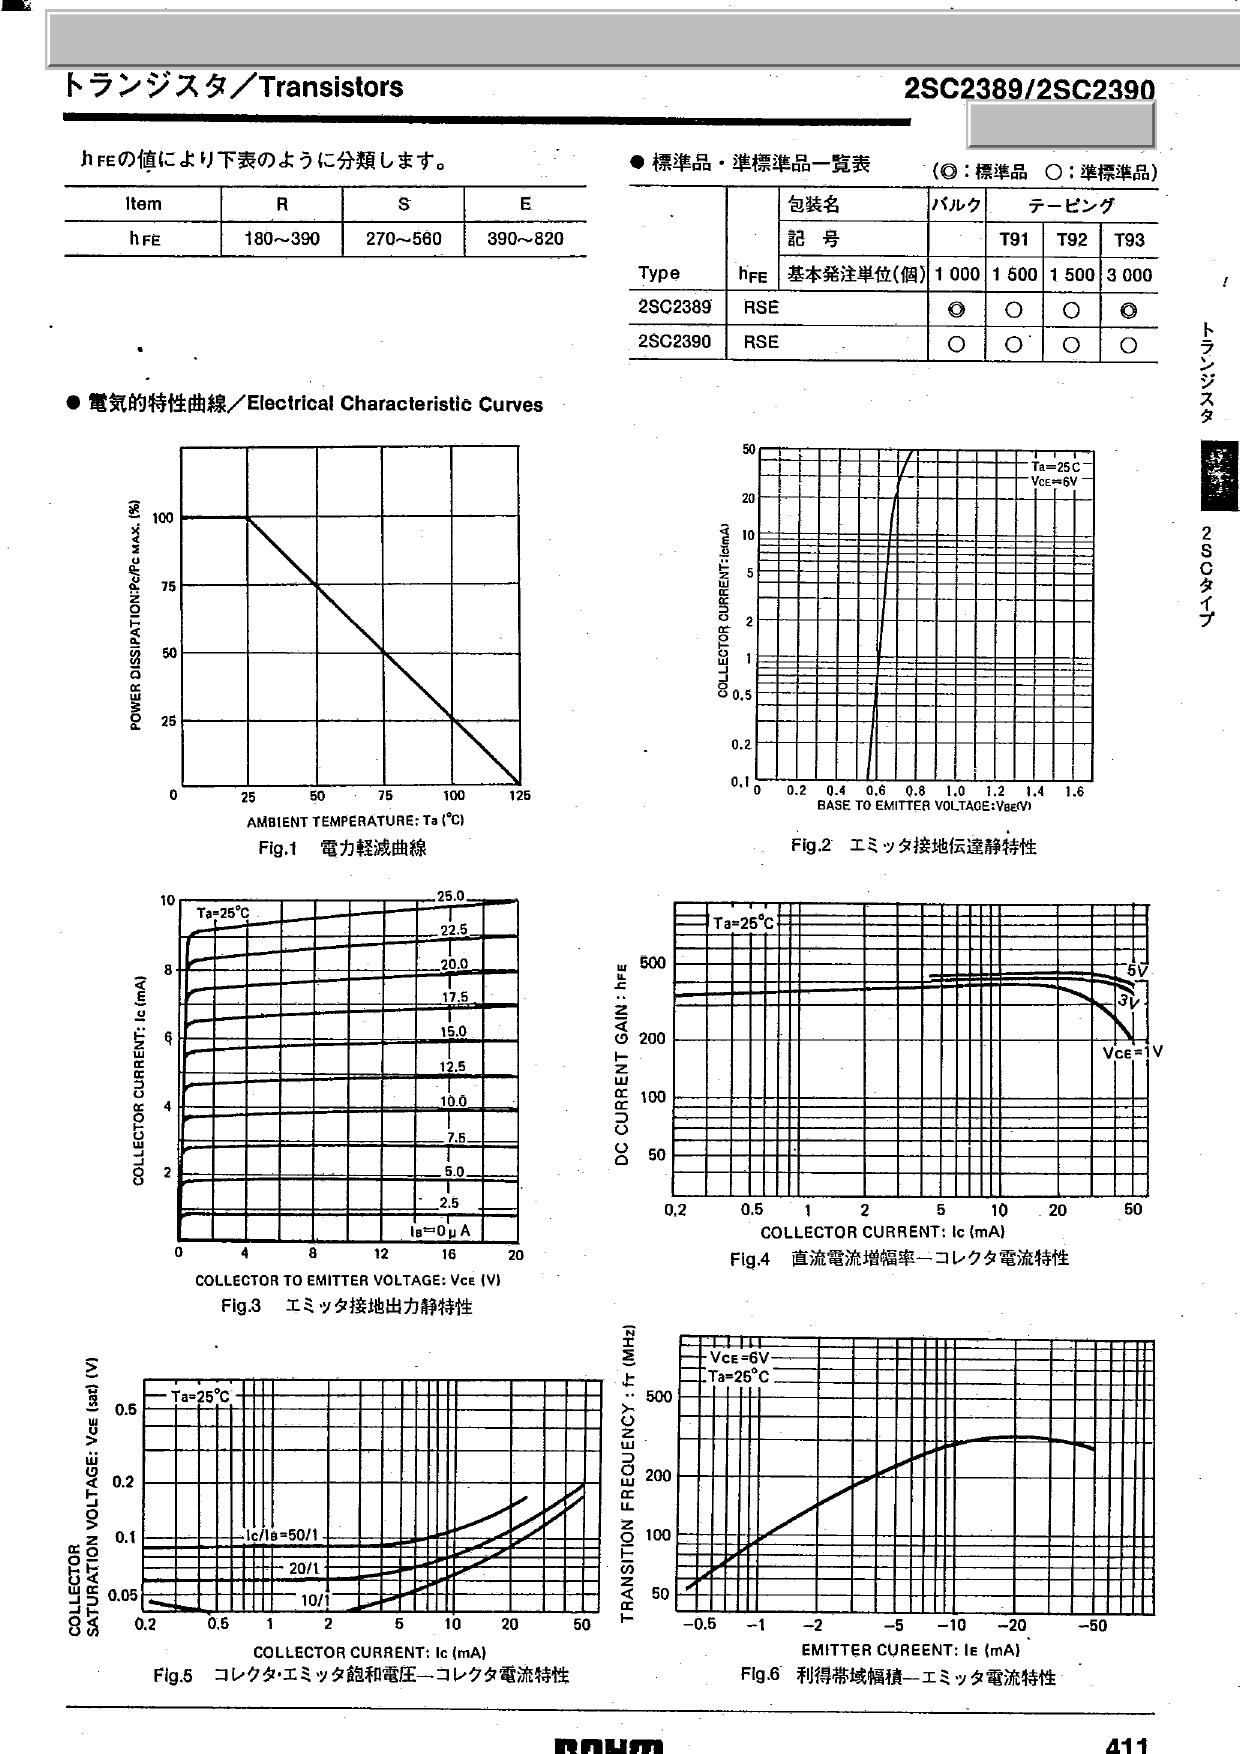 C2389 pdf schematic